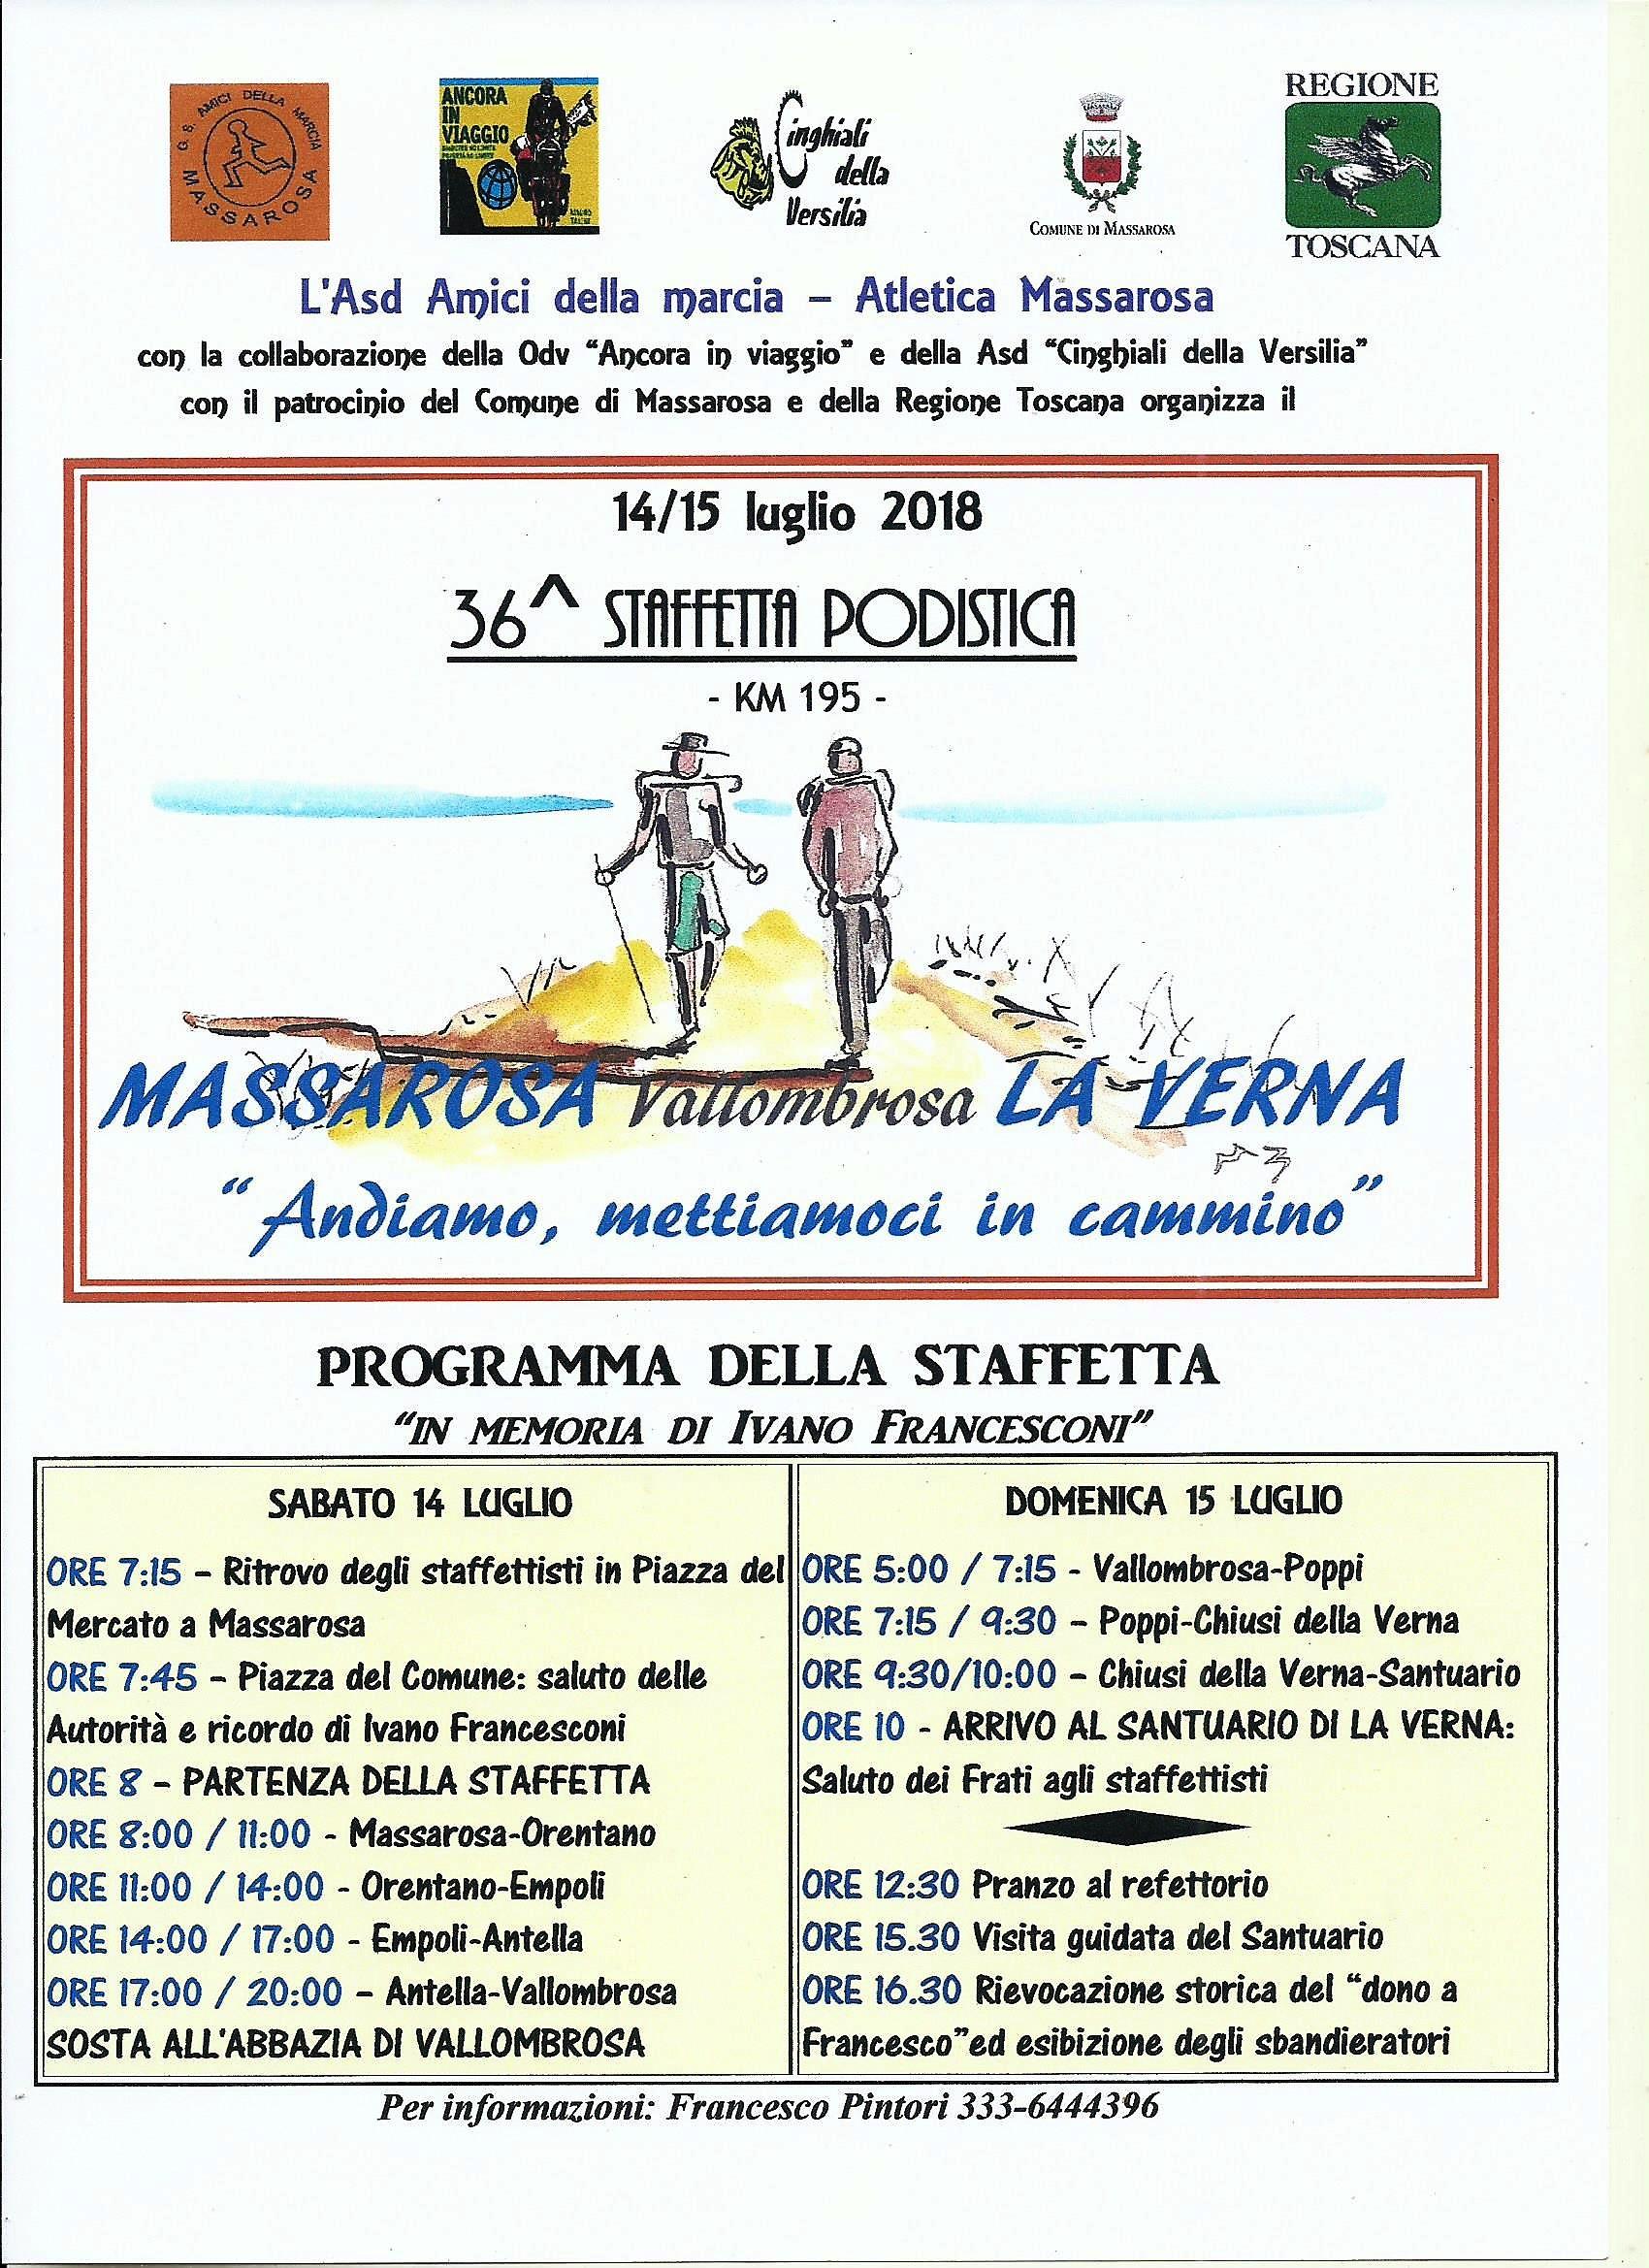 Calendario Podistico Toscana.G S Amici Della Marcia Atletica Massarosa